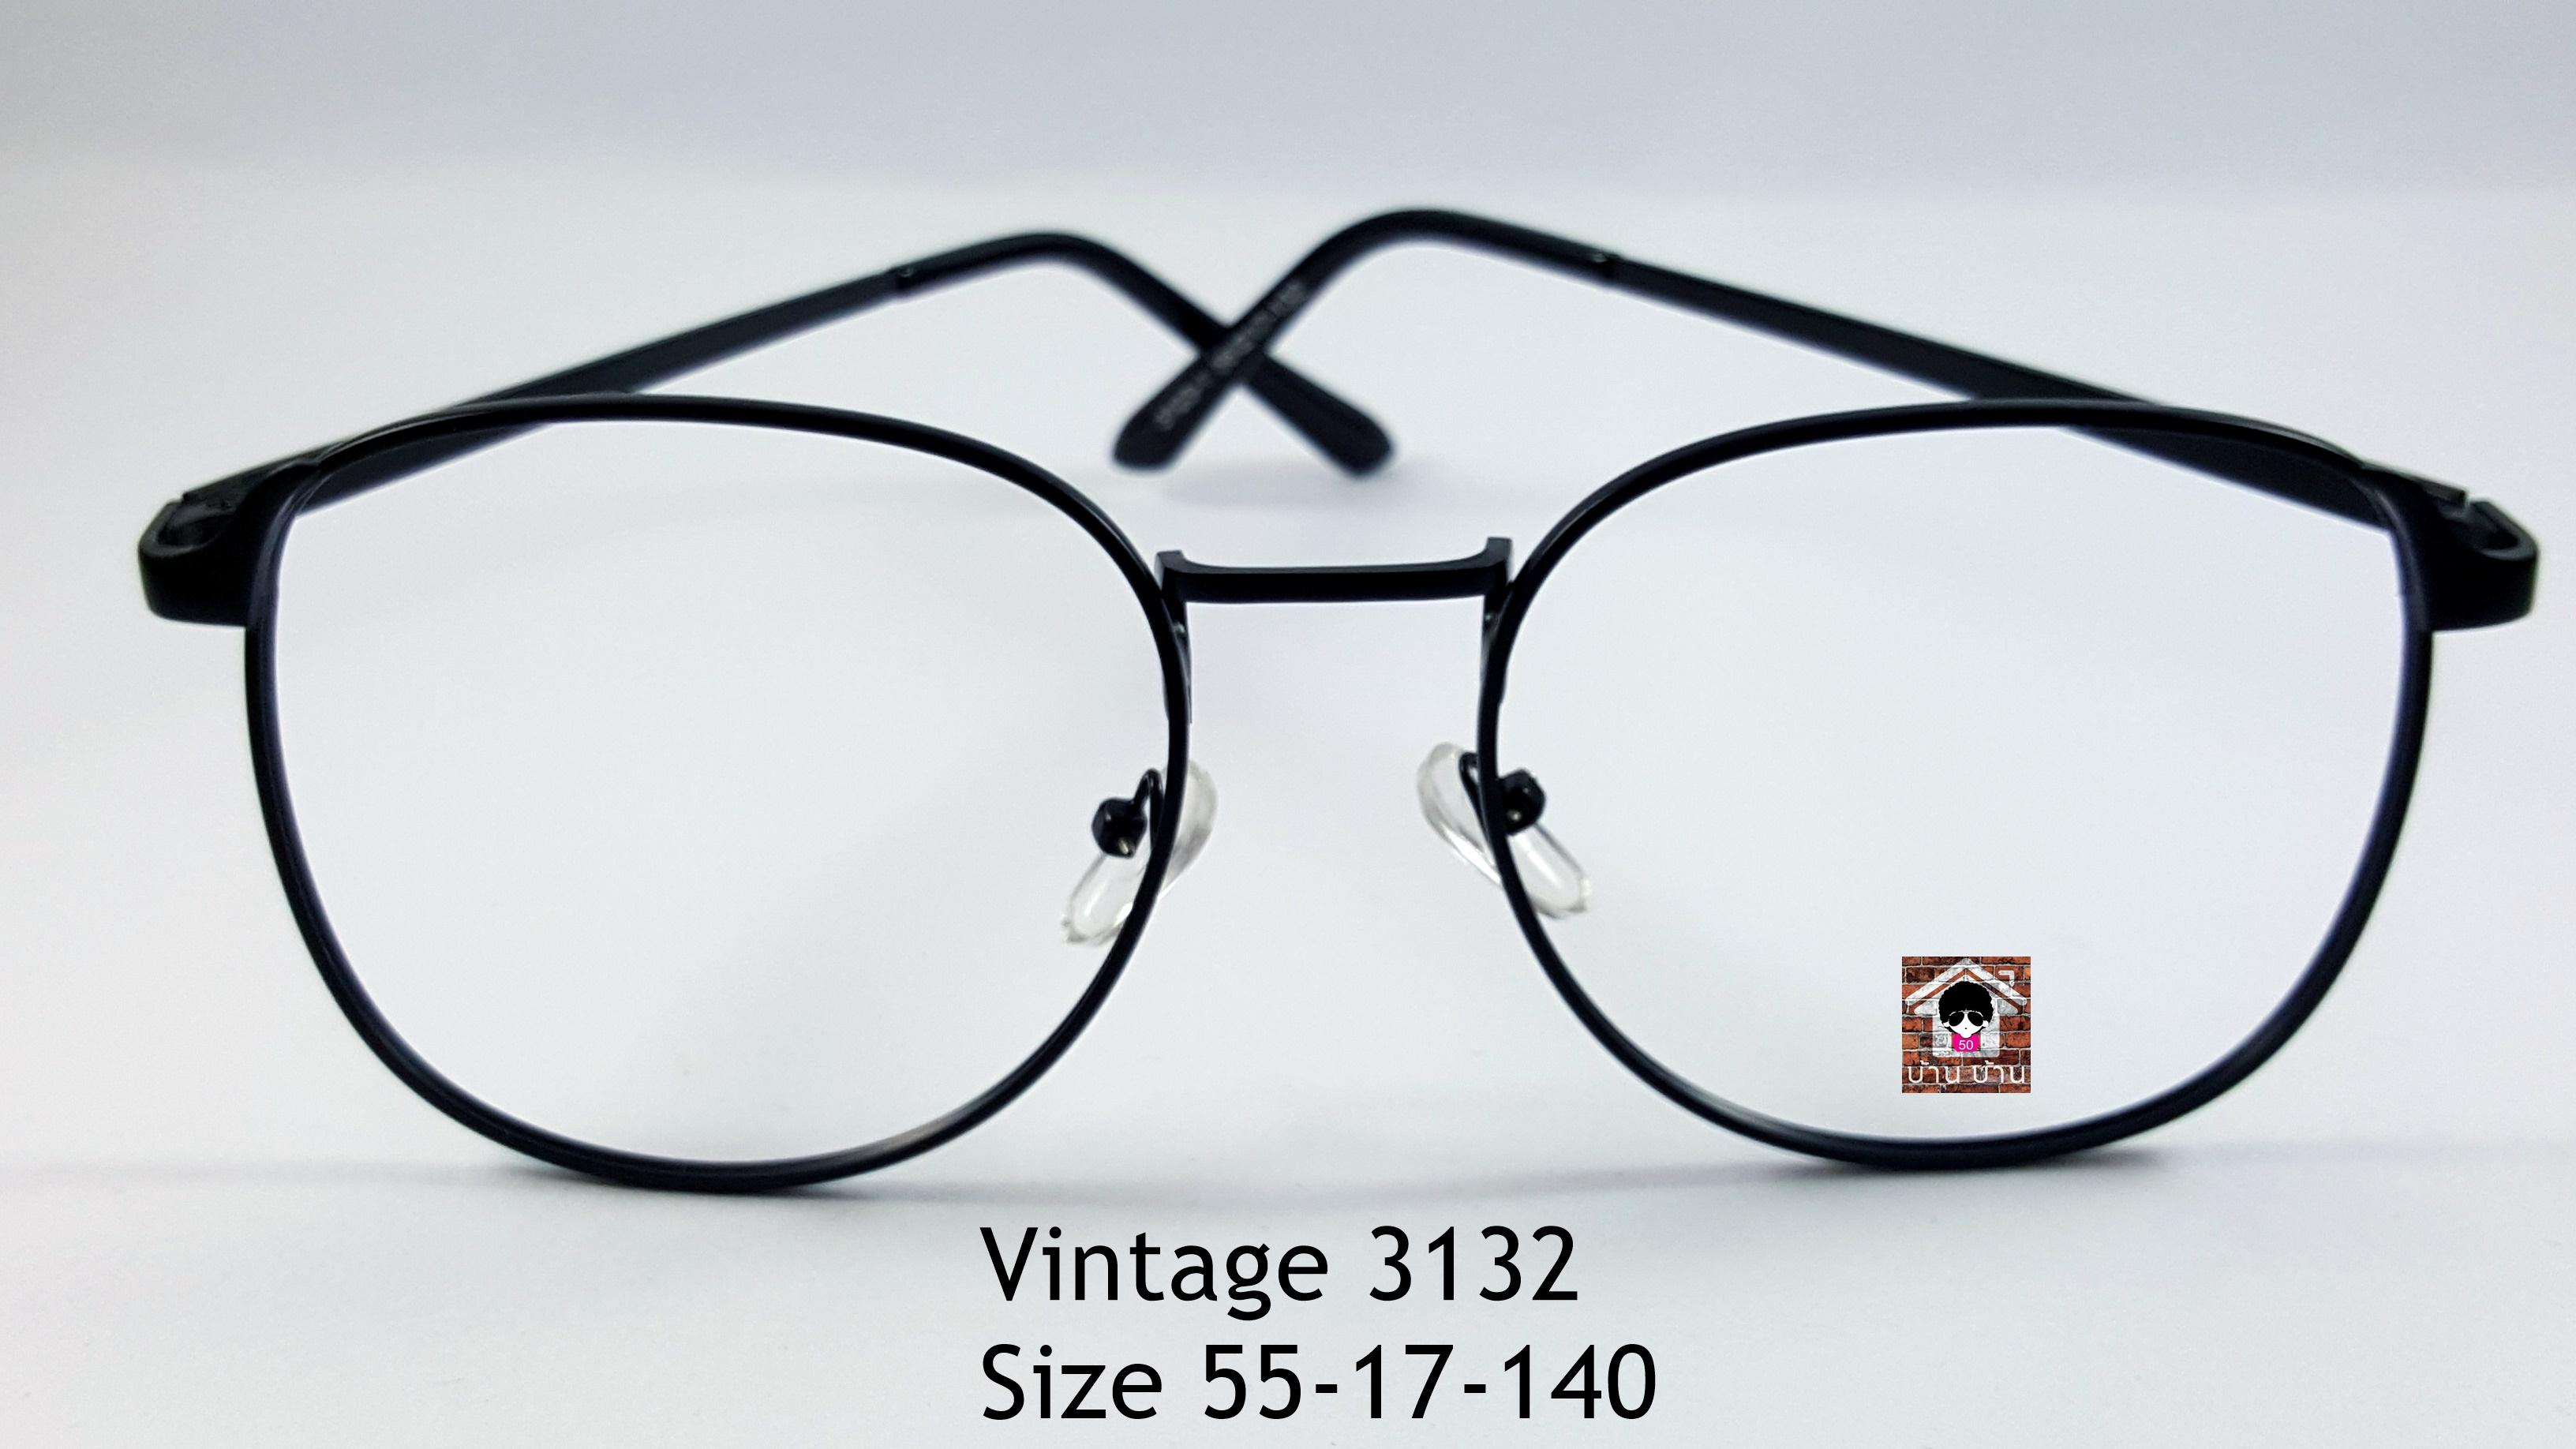 Vintage 3132 โปรโมชั่น กรอบแว่นตาพร้อมเลนส์ HOYA ราคา 790 บาท